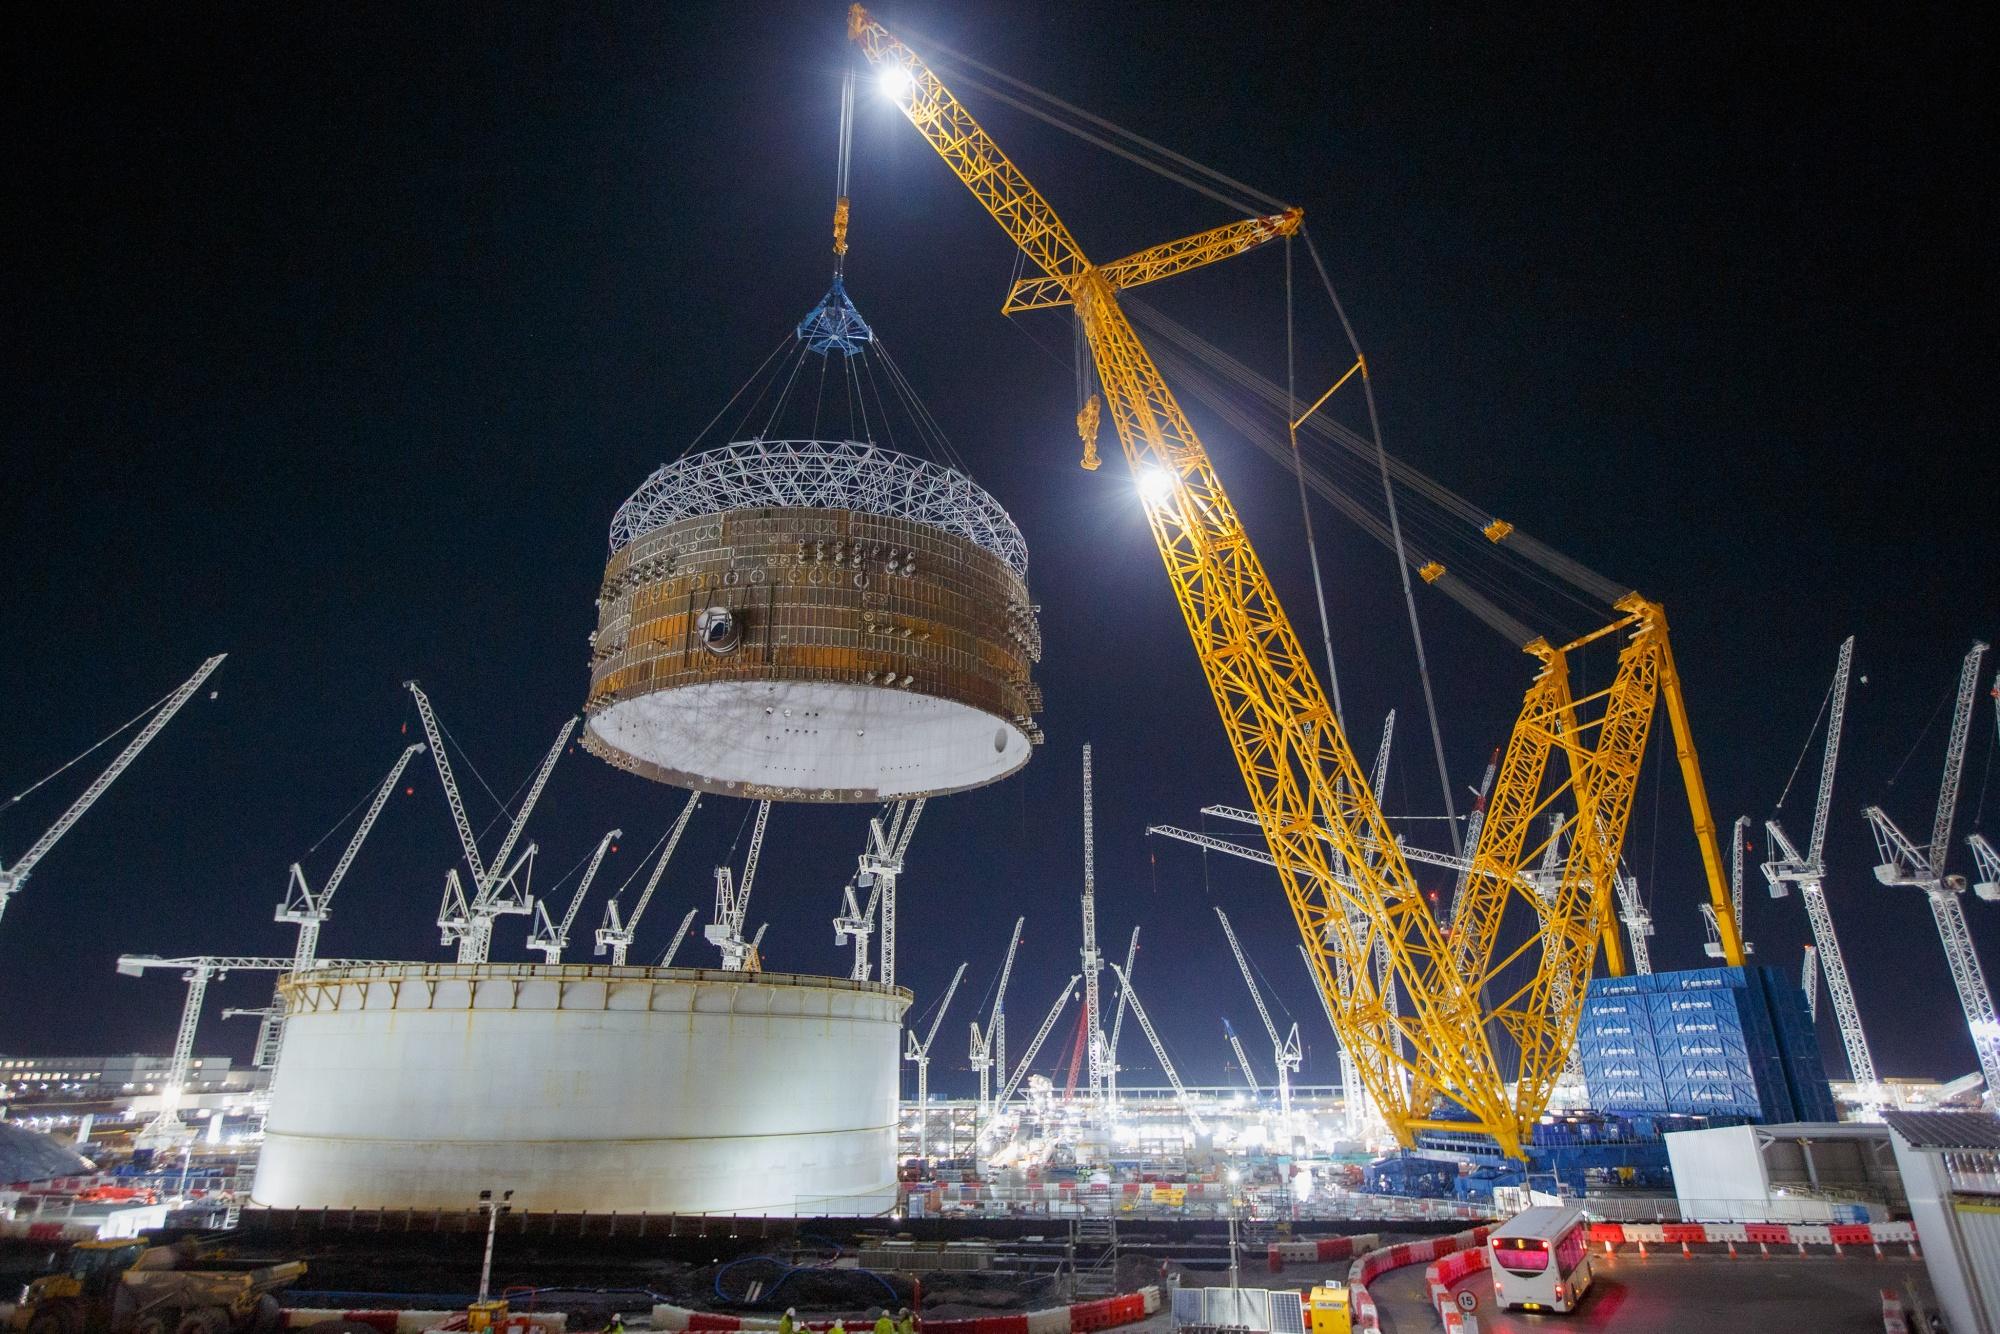 Duży Carl konstrukcyjny stalowy pierścień zabezpieczający w Hinkley Point C, niedaleko Bridgewater w Wielkiej Brytanii, 17 grudnia.